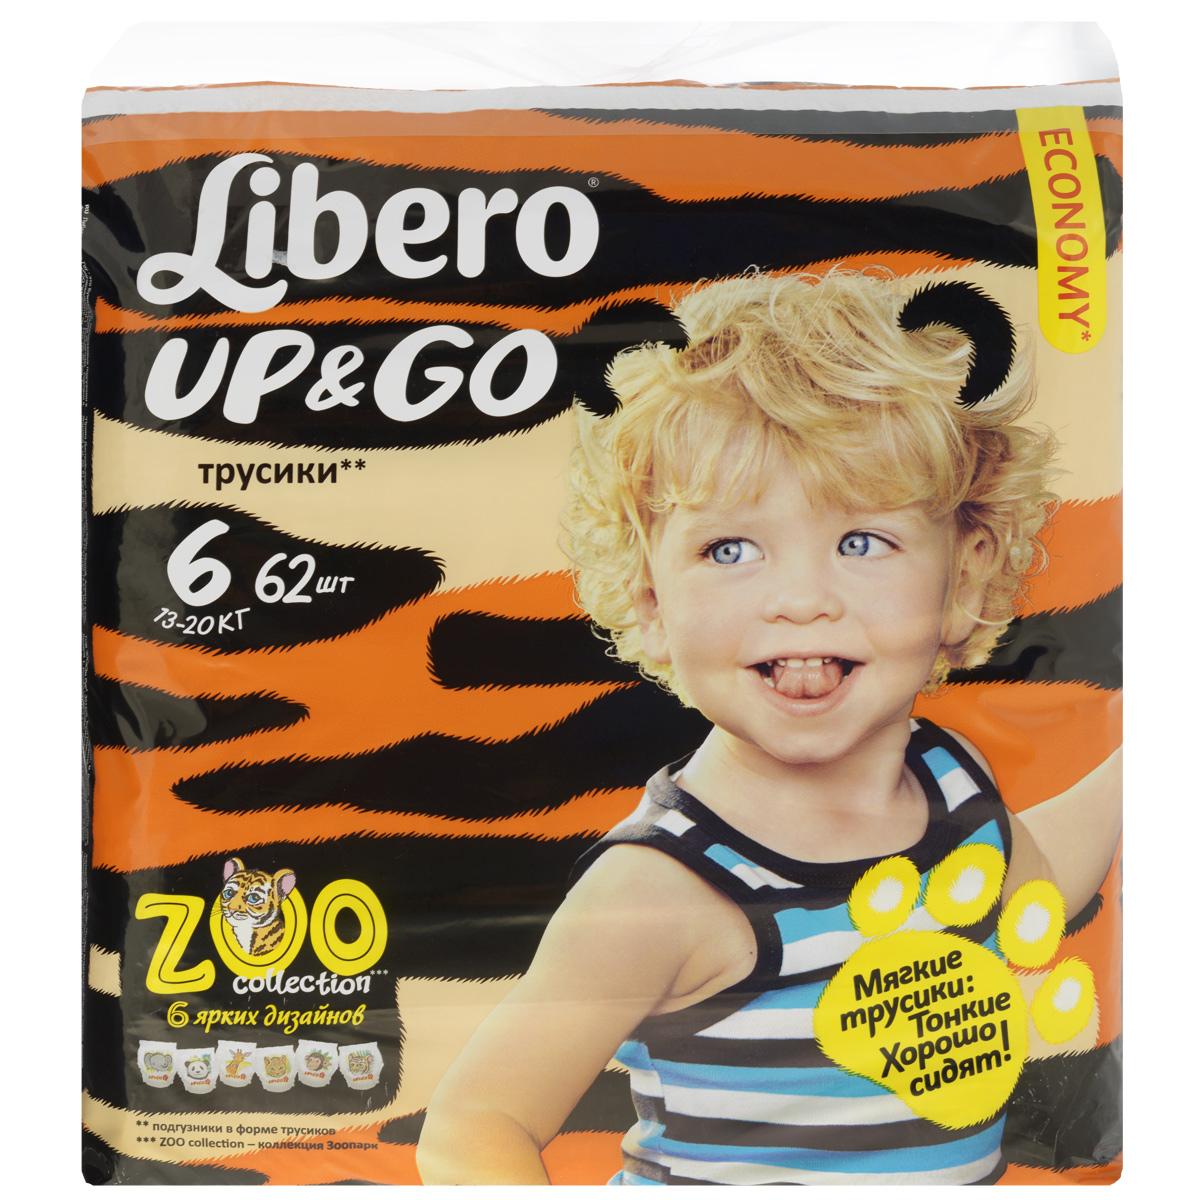 Libero Подгузники-трусики Up&Go Zoo Collection (13-20 кг) 62 шт5527Подгузники-трусики Libero Up&Go супер мягкие и тонкие удобно надевать и снимать, что так важно для детей, которые уже пытаются самостоятельно одеваться. Надев их как обычные трусики, ваш малыш может сам их спустить, если захочет на горшок. Когда подгузник наполнен, вы легко снимите его, просто разорвав боковые швы. Подгузники-трусики Libero Up&Go впитывают еще больше и не протекают благодаря улучшенному впитывающему слою и высоким барьерчикам вокруг ножек, оставляя кожу малыша сухой, поэтому Вы можете также использовать их во время длительных прогулок днем и ночью, чтобы обеспечить ребенку и себе спокойный сон. Благодаря мягкому эластичному пояску вокруг талии, сделанному полностью из дышащего материала, и зауженной ластовице между ножек, подгузники-трусики Libero Up&Go лучше сидят. В них так удобно двигаться, как в обычном белье - они принимают форму тела малыша и абсолютно не стесняют его движений. У всех подгузников-трусиков Libero Up&Go есть специальная...